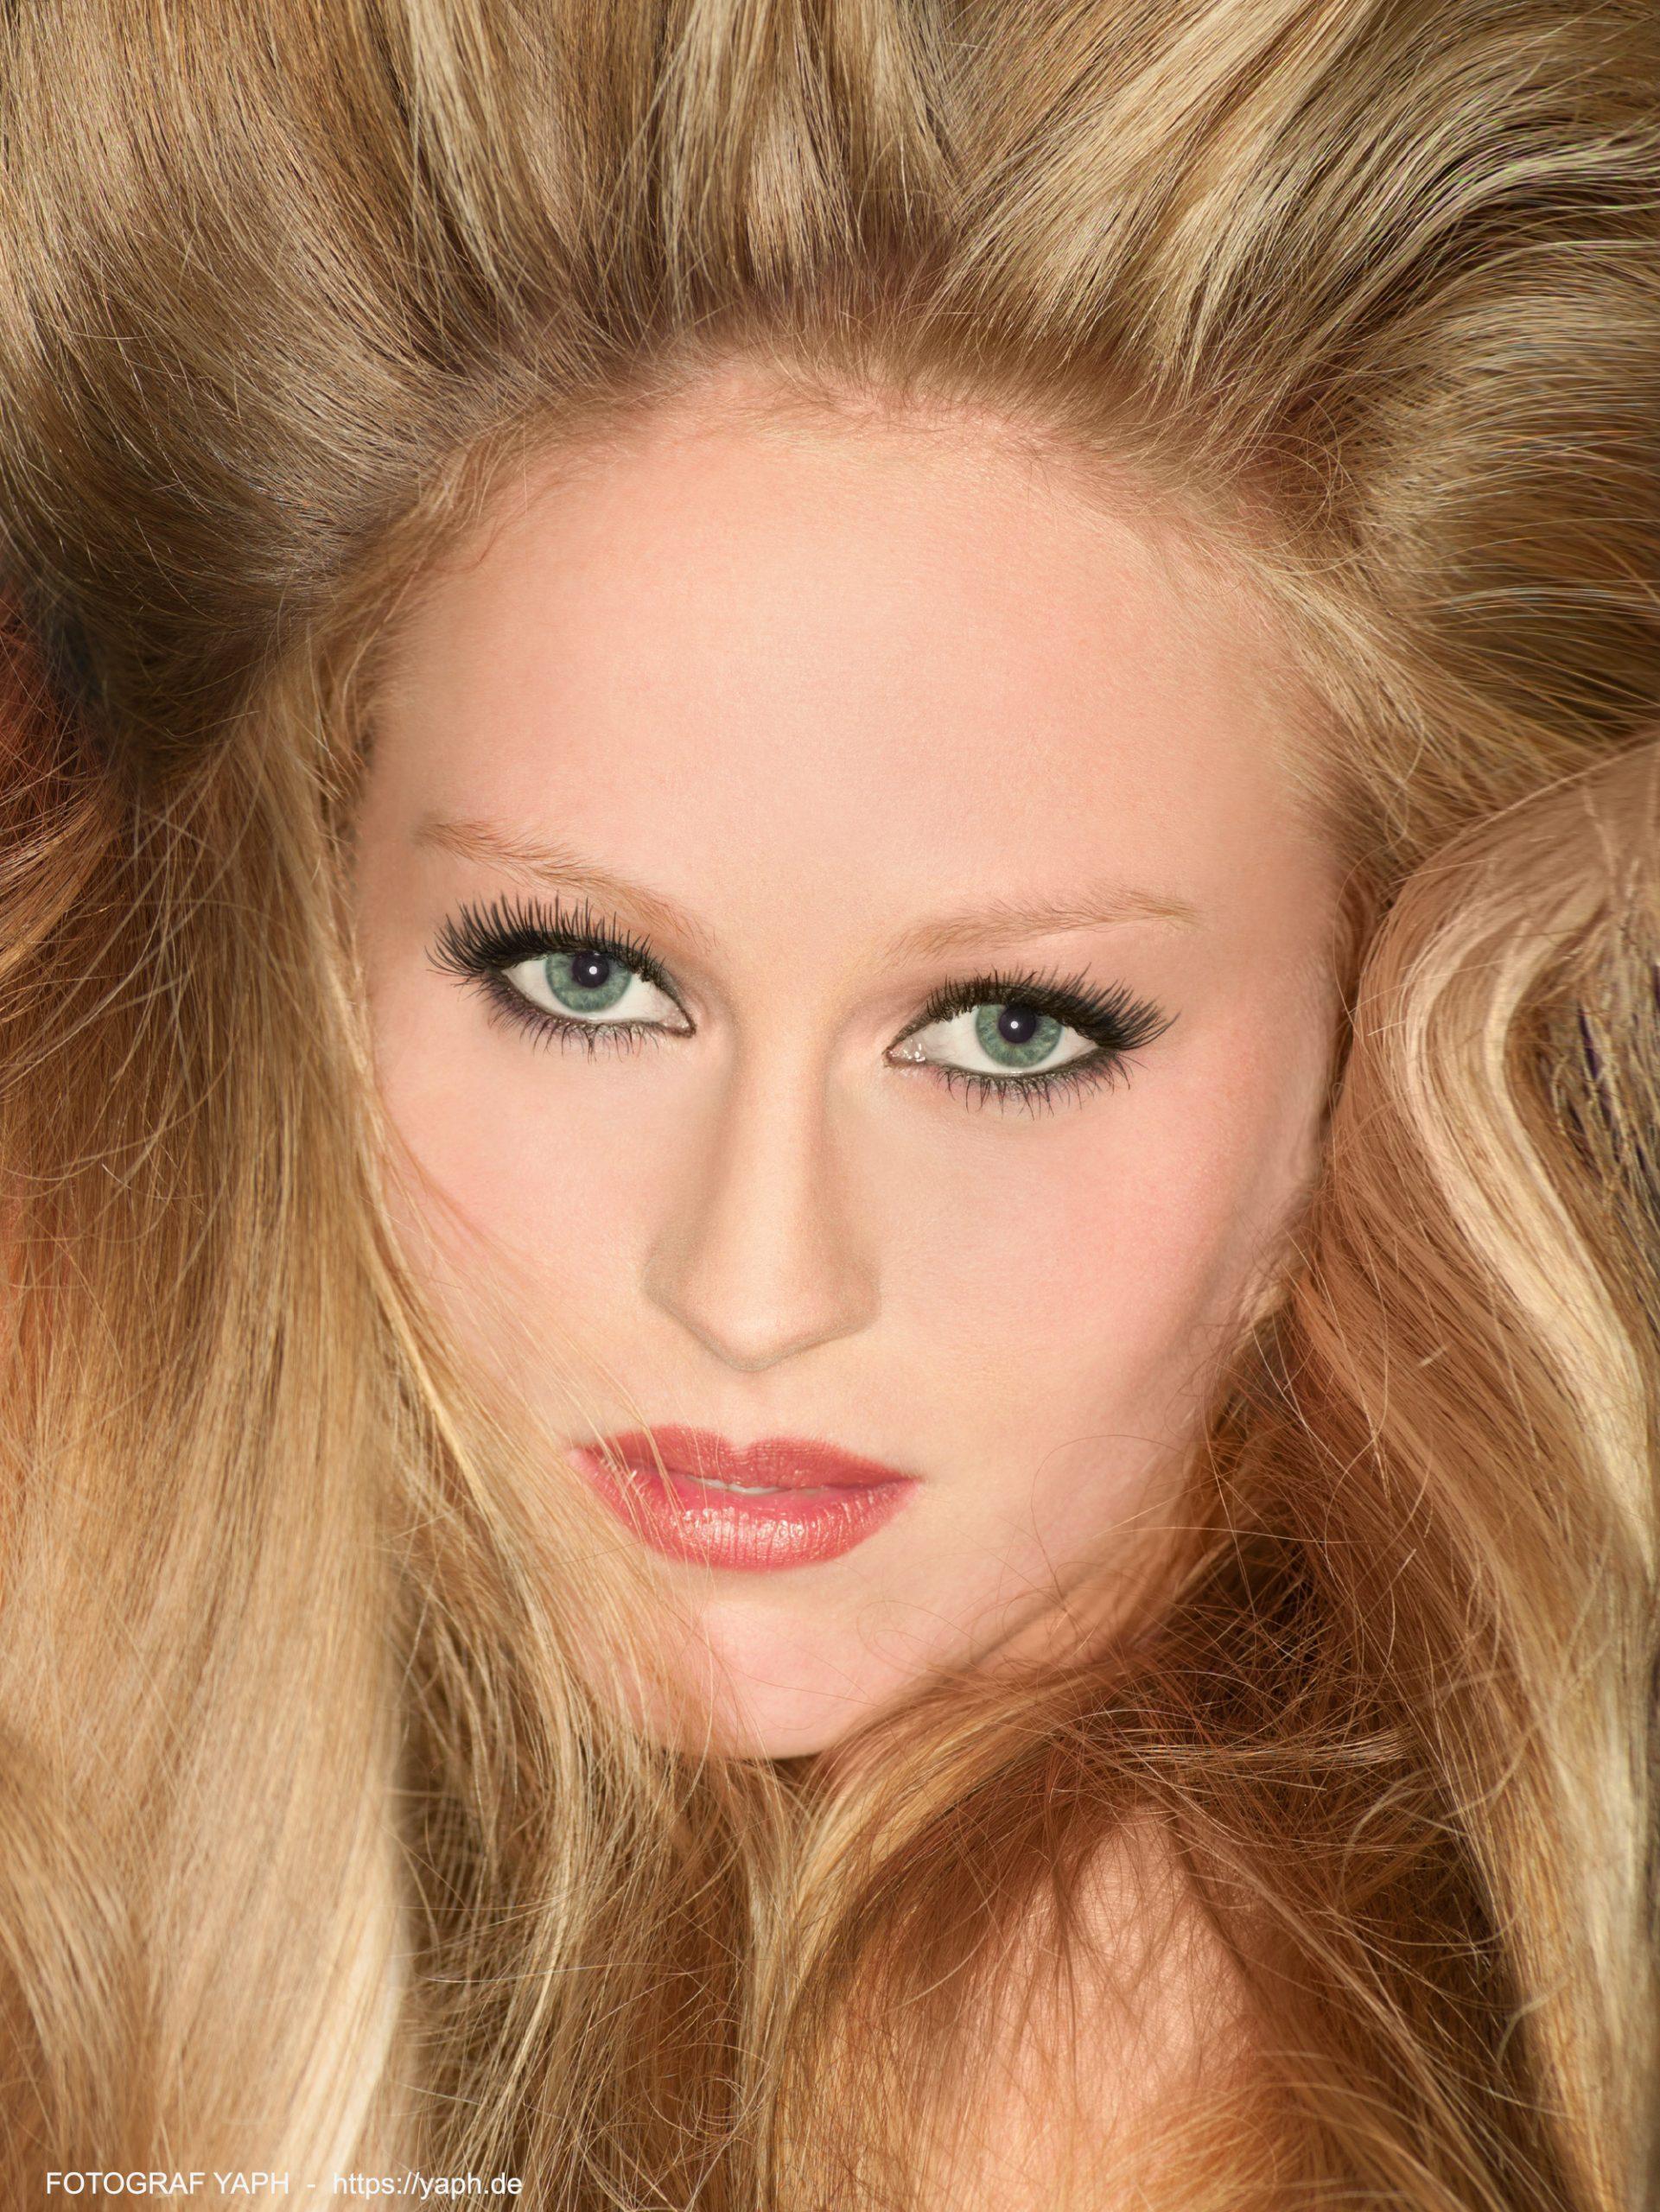 Beauty Porträt-Fotografie in Trier - Fotograf Yaph -Simone